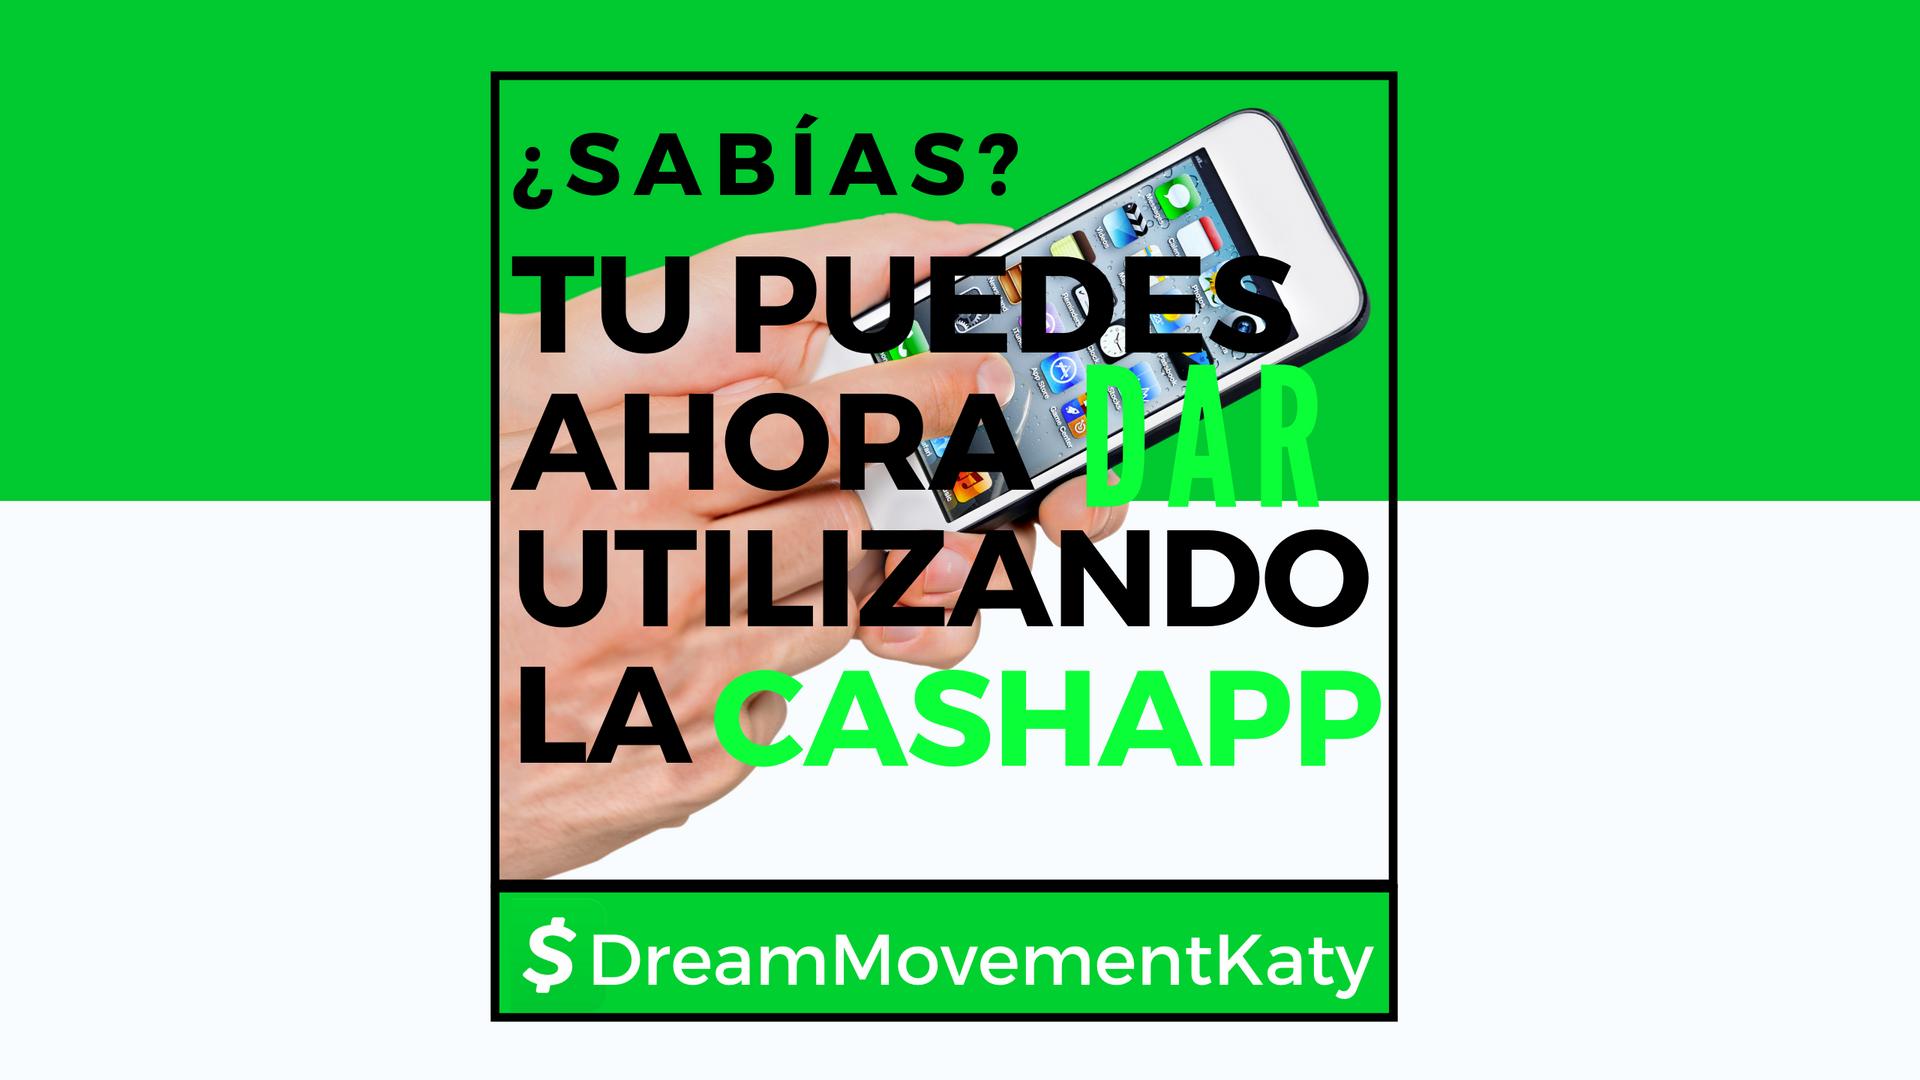 Tu Puedes Ahora Utilizando La CashApp